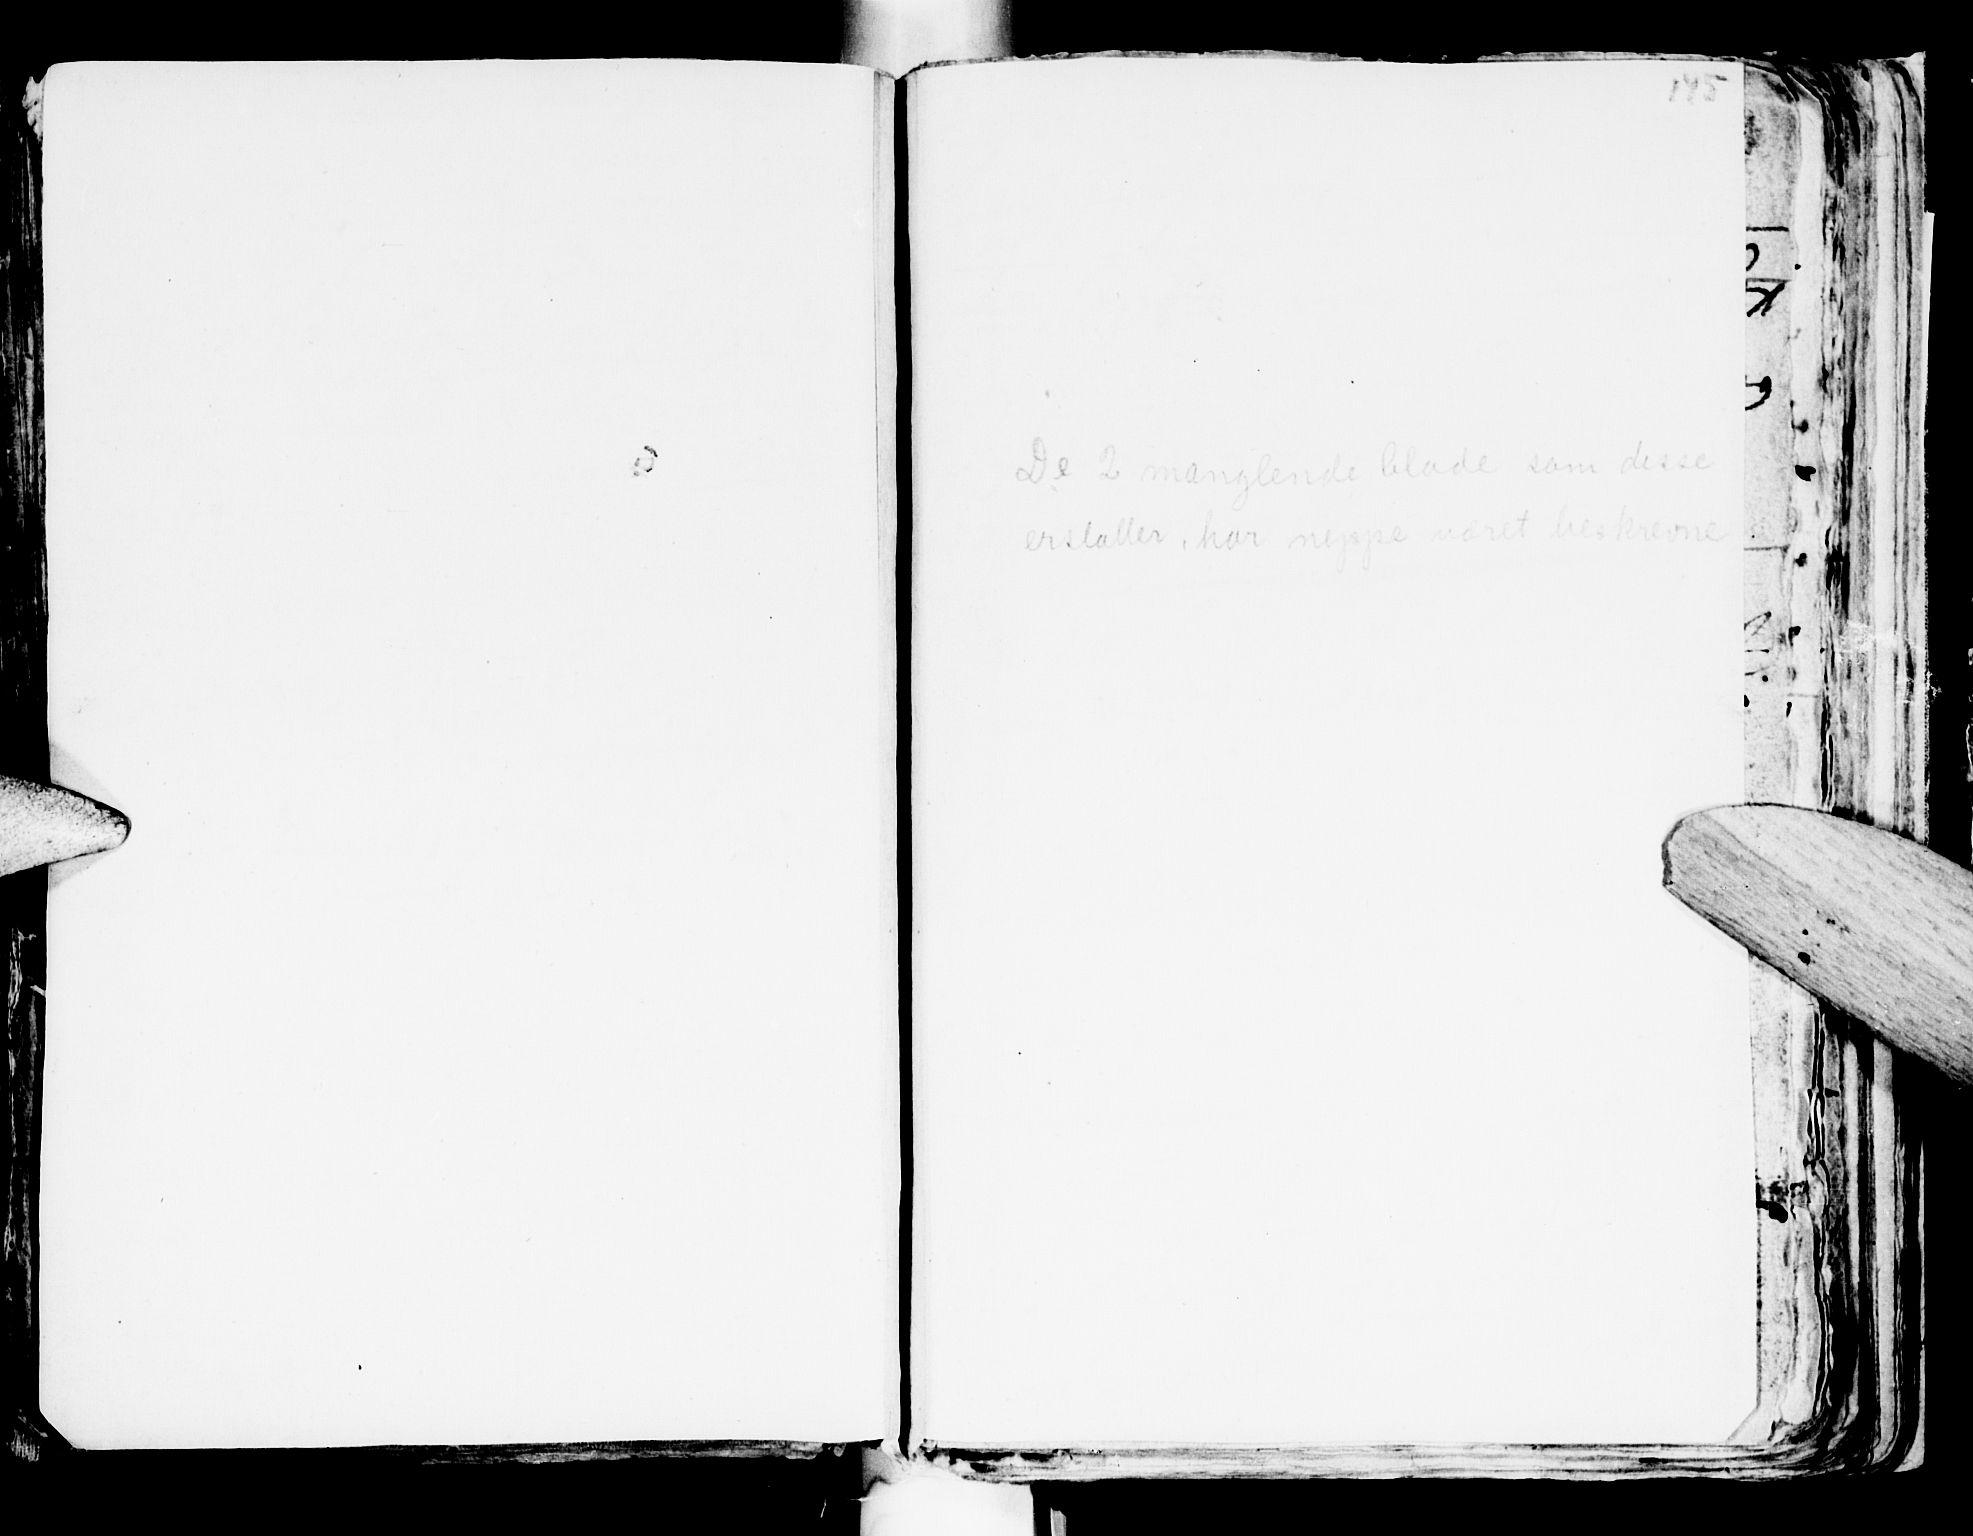 SAT, Ministerialprotokoller, klokkerbøker og fødselsregistre - Sør-Trøndelag, 681/L0923: Ministerialbok nr. 681A01, 1691-1700, s. 145